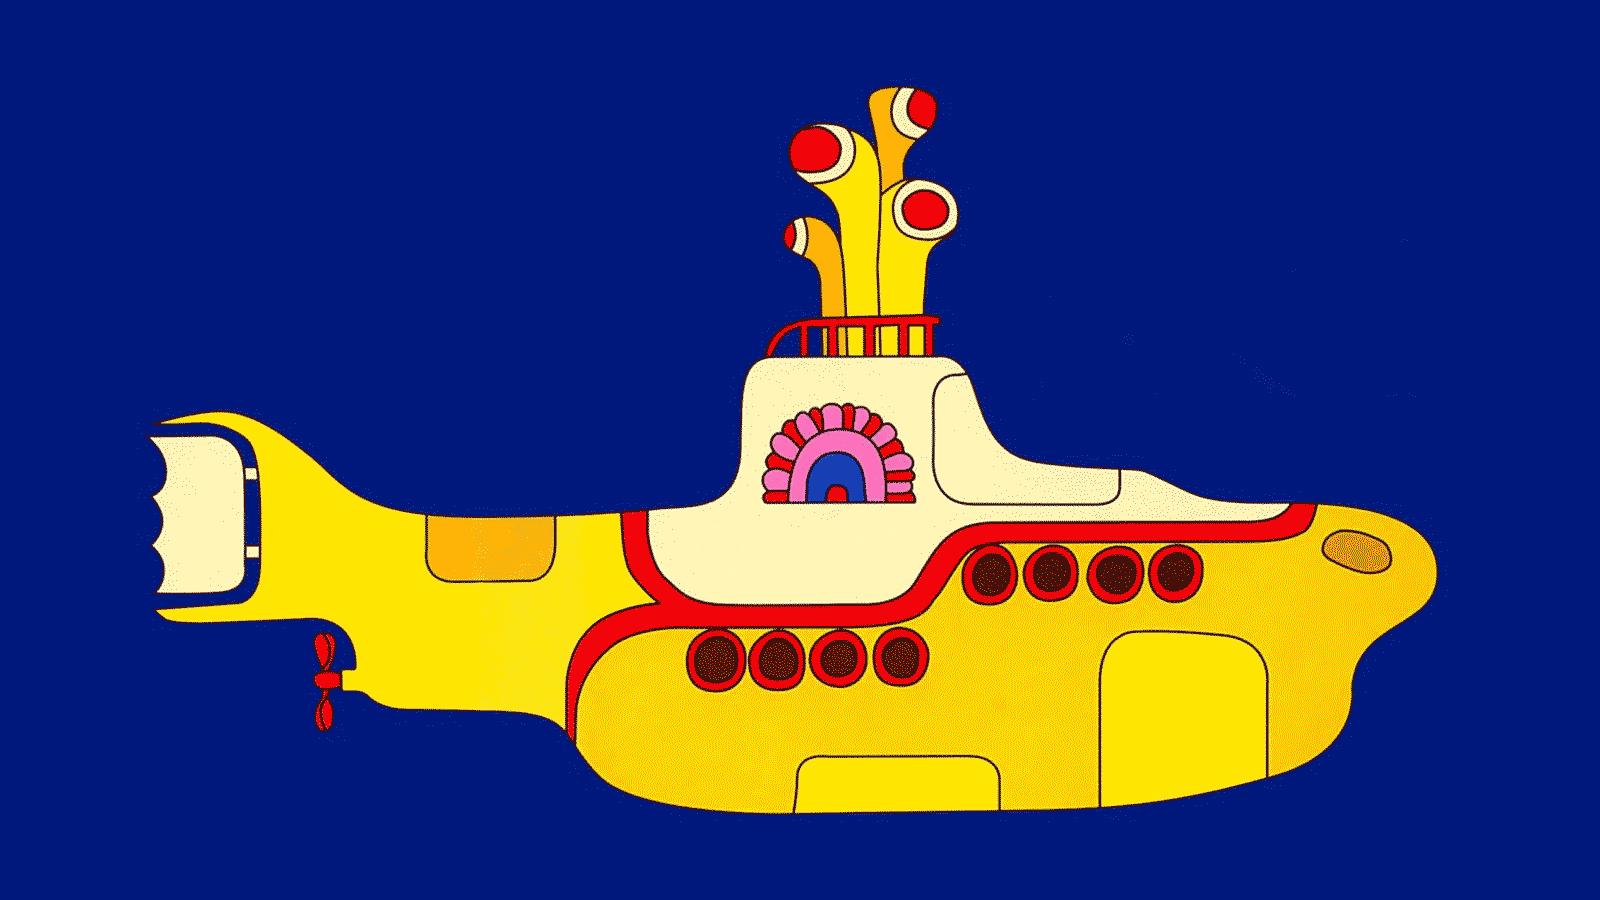 Yellow Submarine azaz a Sárga Tengeralattjáró